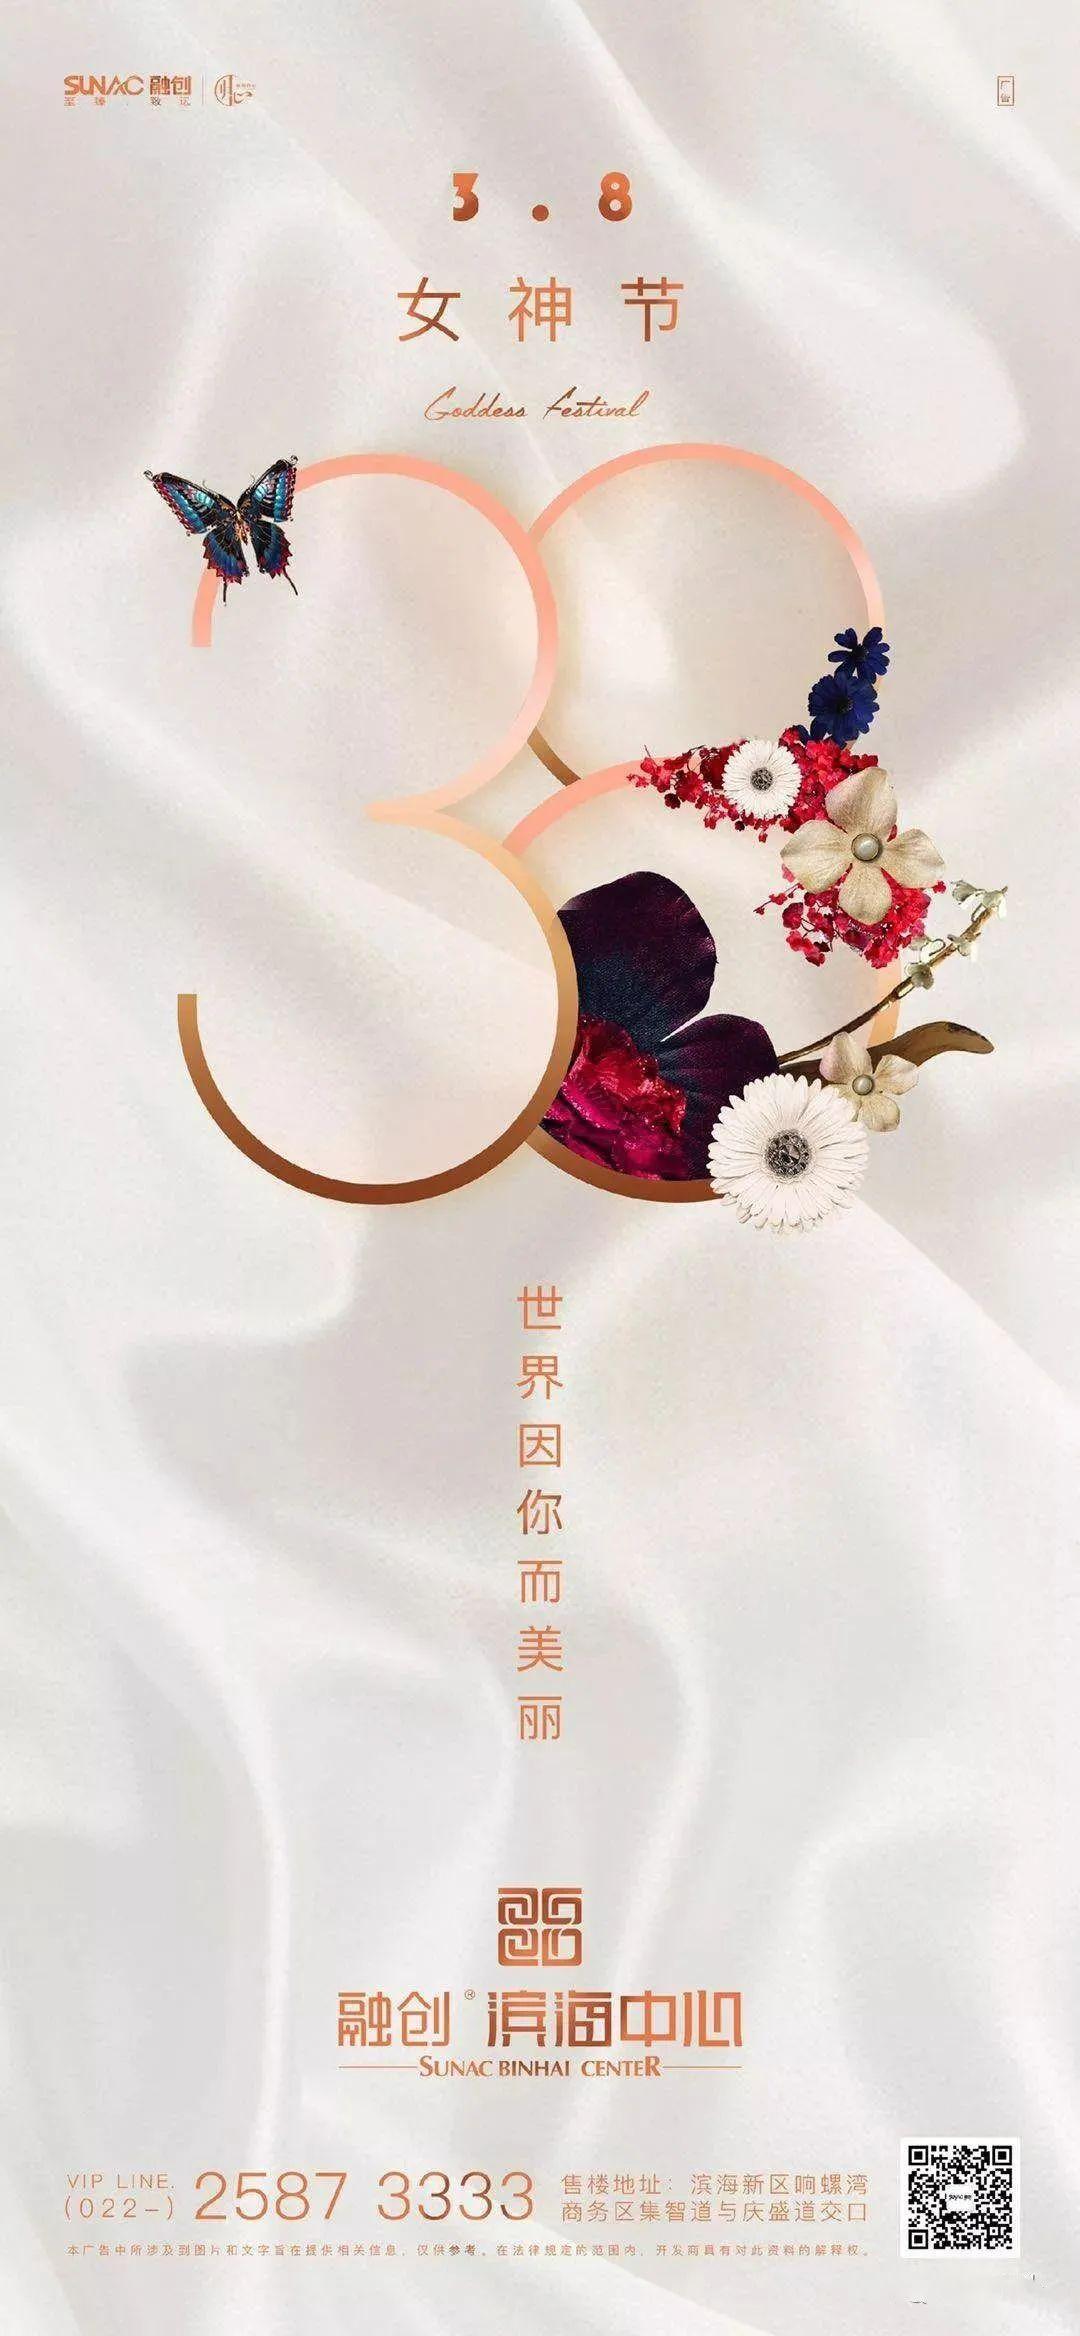 三八女神节 | 文案祝福:愿以美好,呵护你的高光!插图6